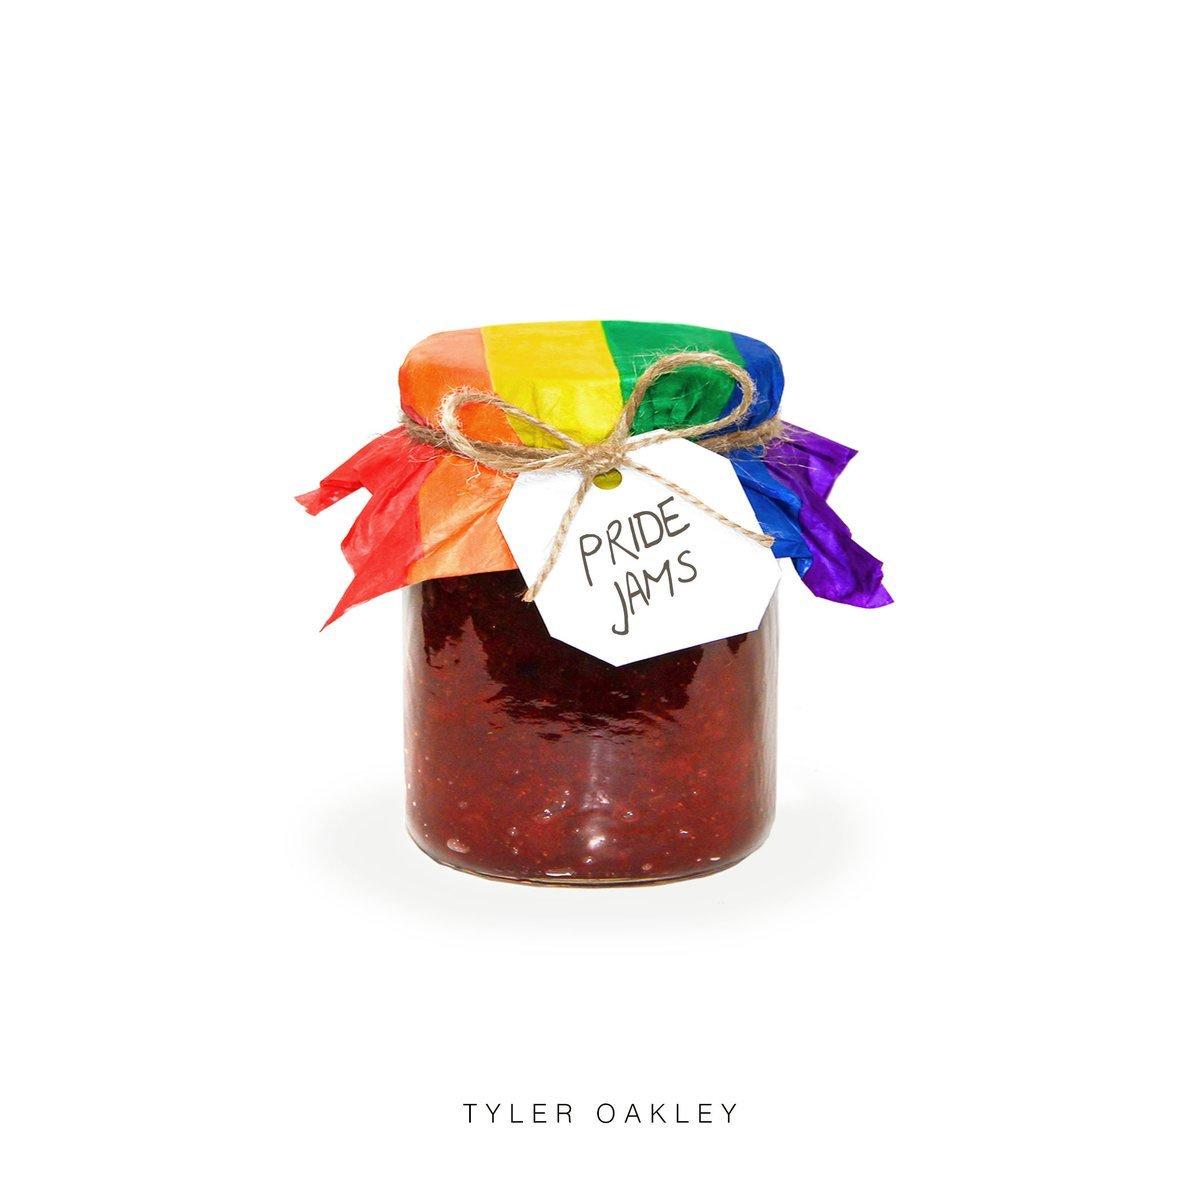 """#PROUD 2 be on @tyleroakley's #PrideJams! Somanyhotjams!Our """"Make Our Own Way"""" kicks it off! https://t.co/PQT5eihHyw https://t.co/puM6UfoMOm"""